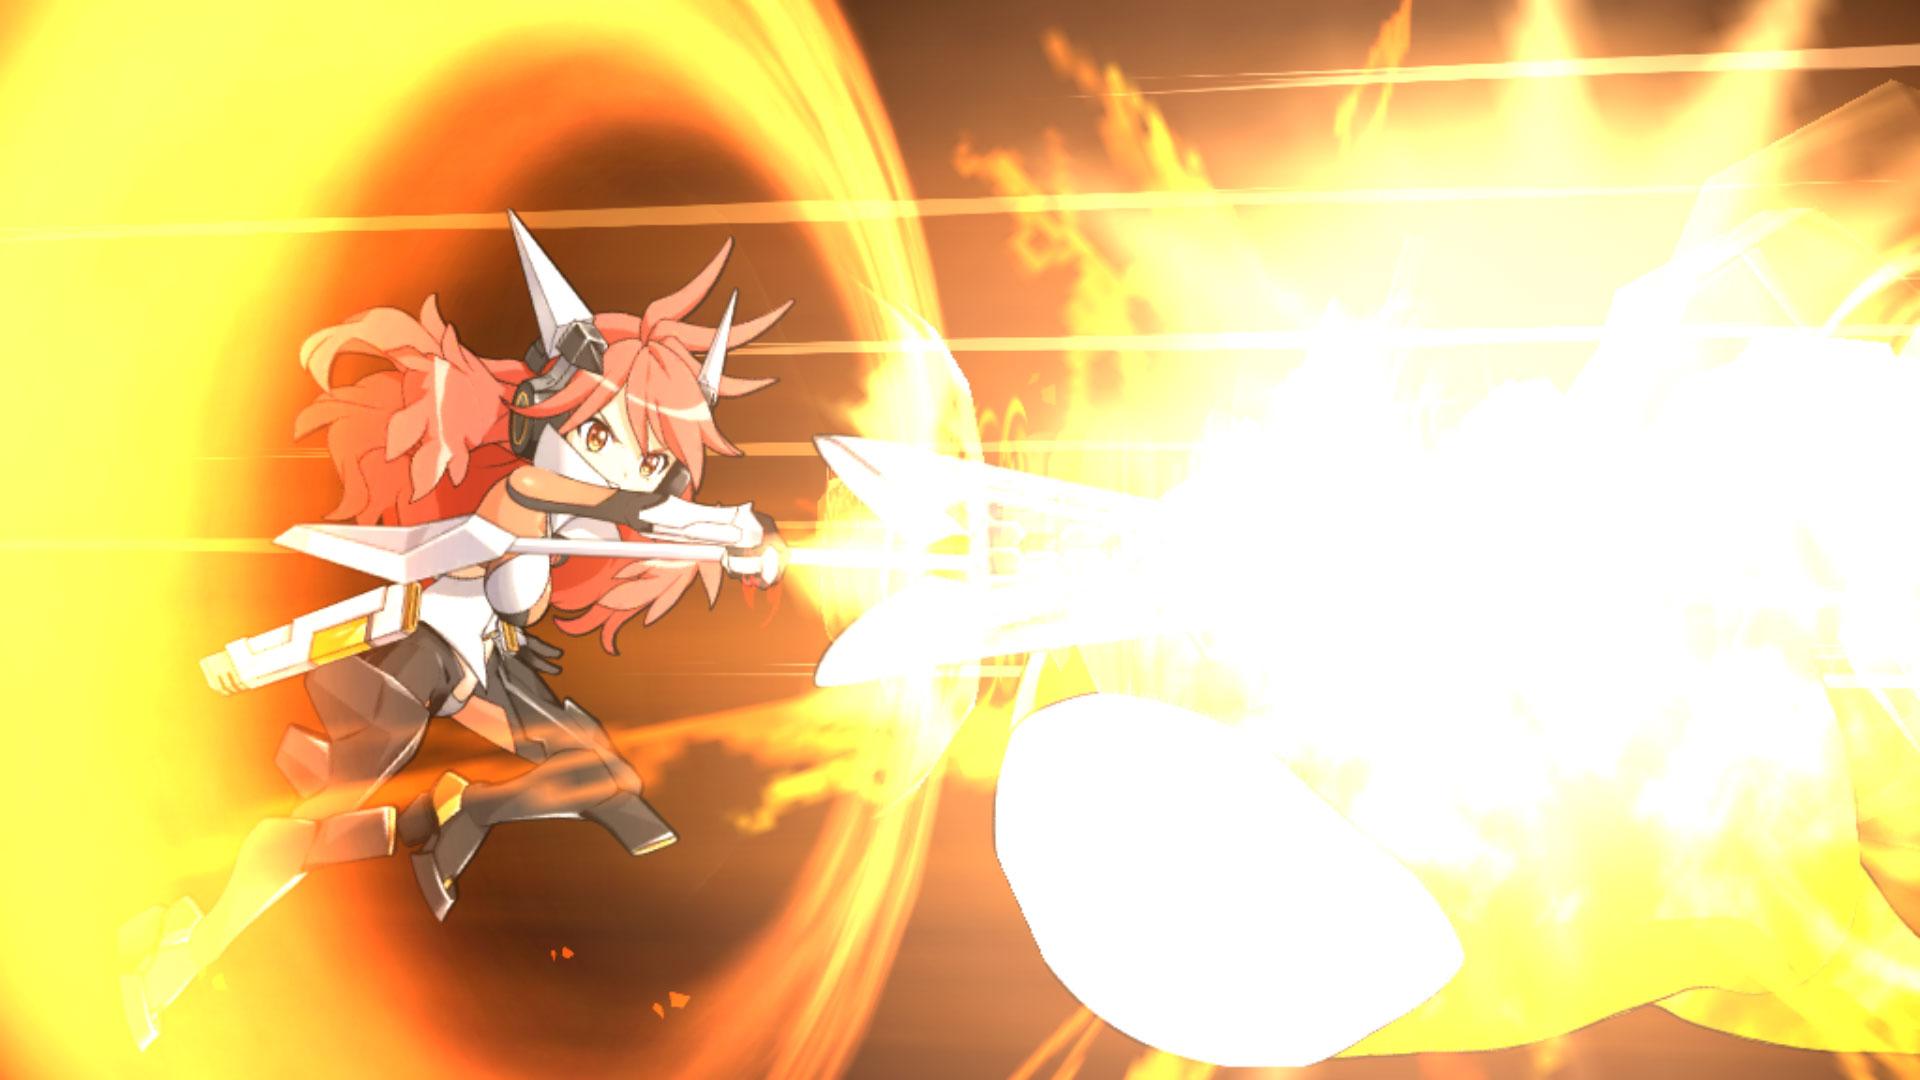 シンフォギアxd 炎を出すバトルシーンアニメ